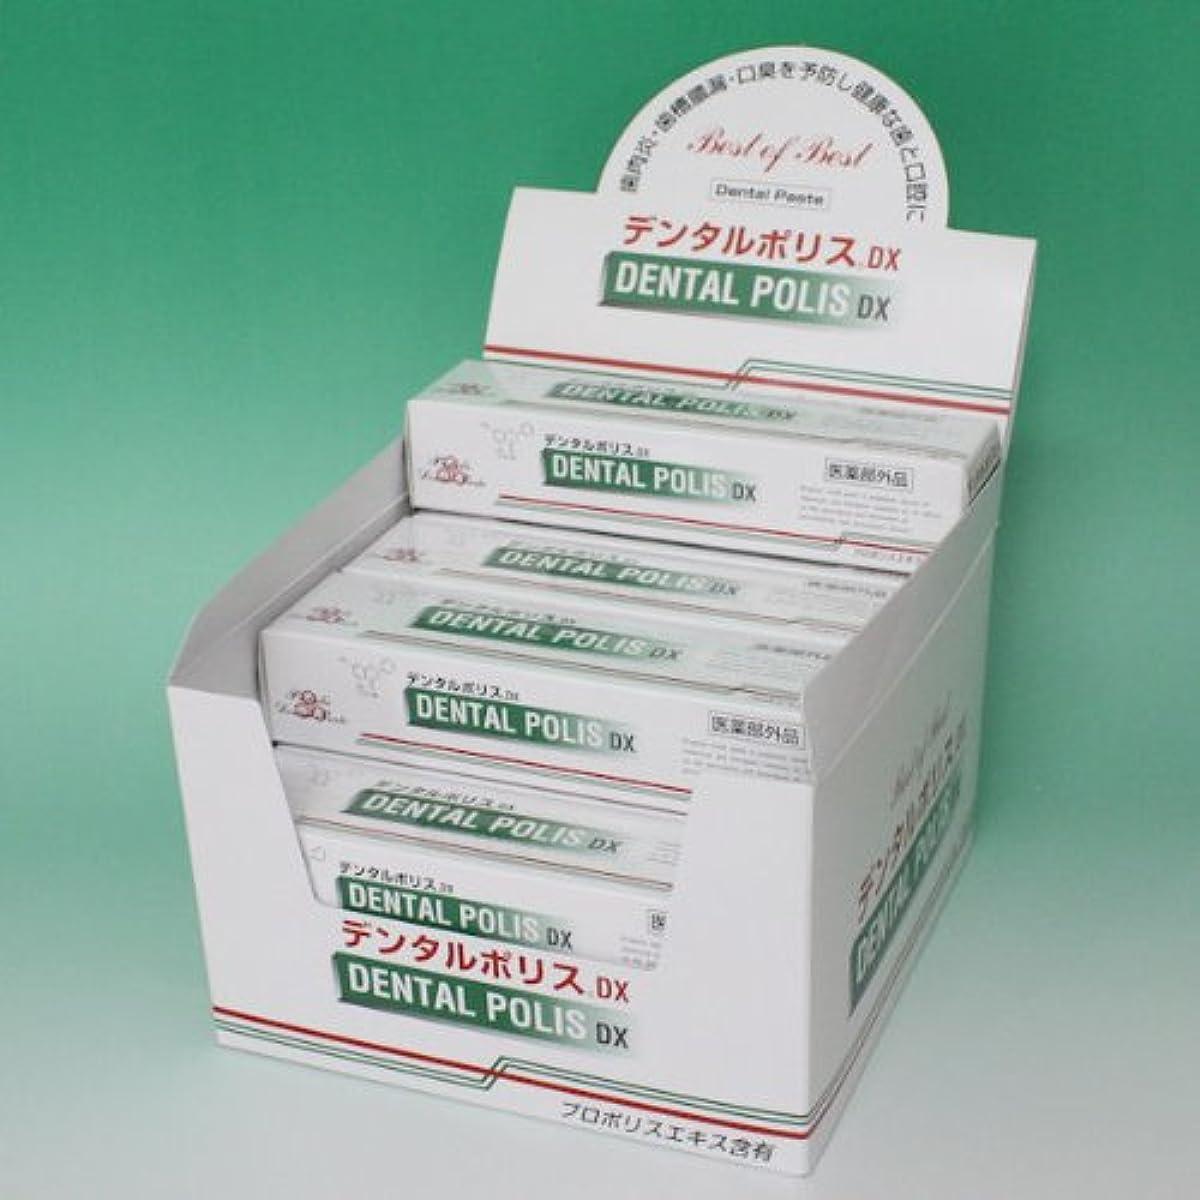 科学がっかりする努力デンタルポリスDX 80g  12本セット 医薬部外品  歯みがき 8gサンプル2本 進呈!